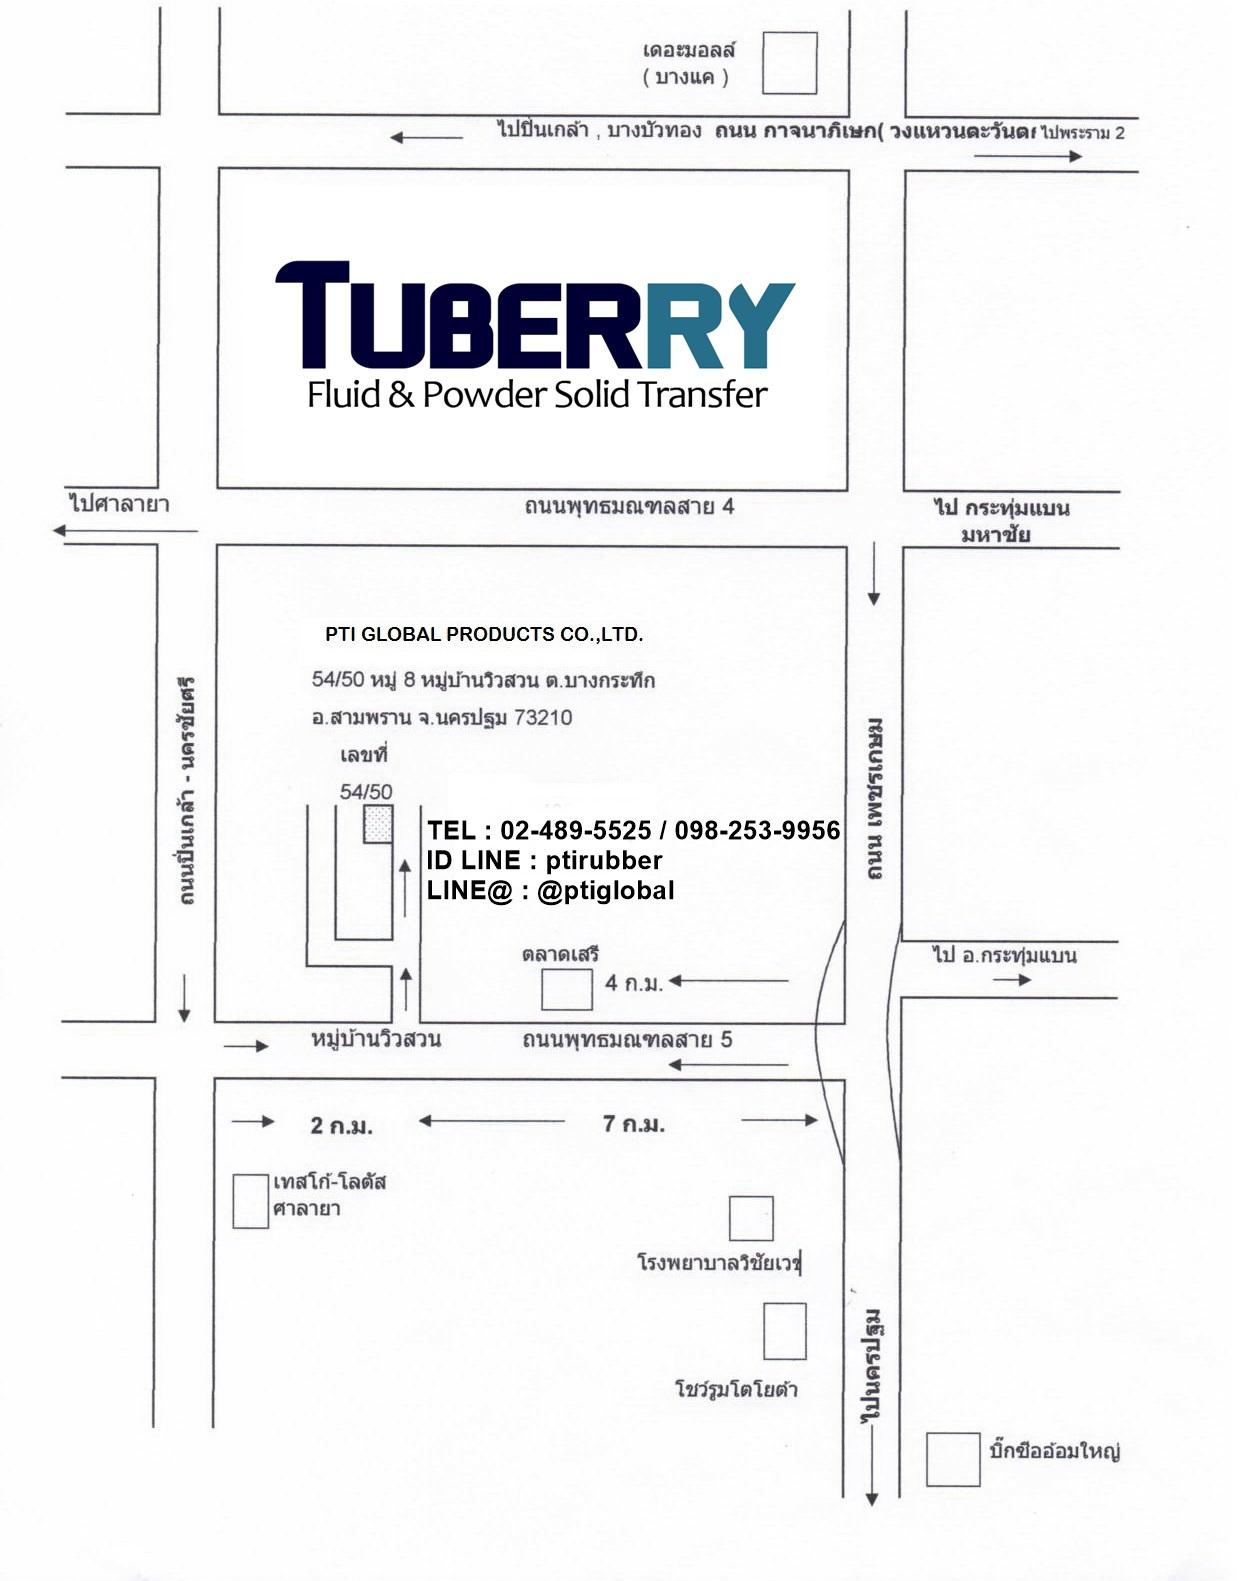 แผนที่ TUBERRY.jpg